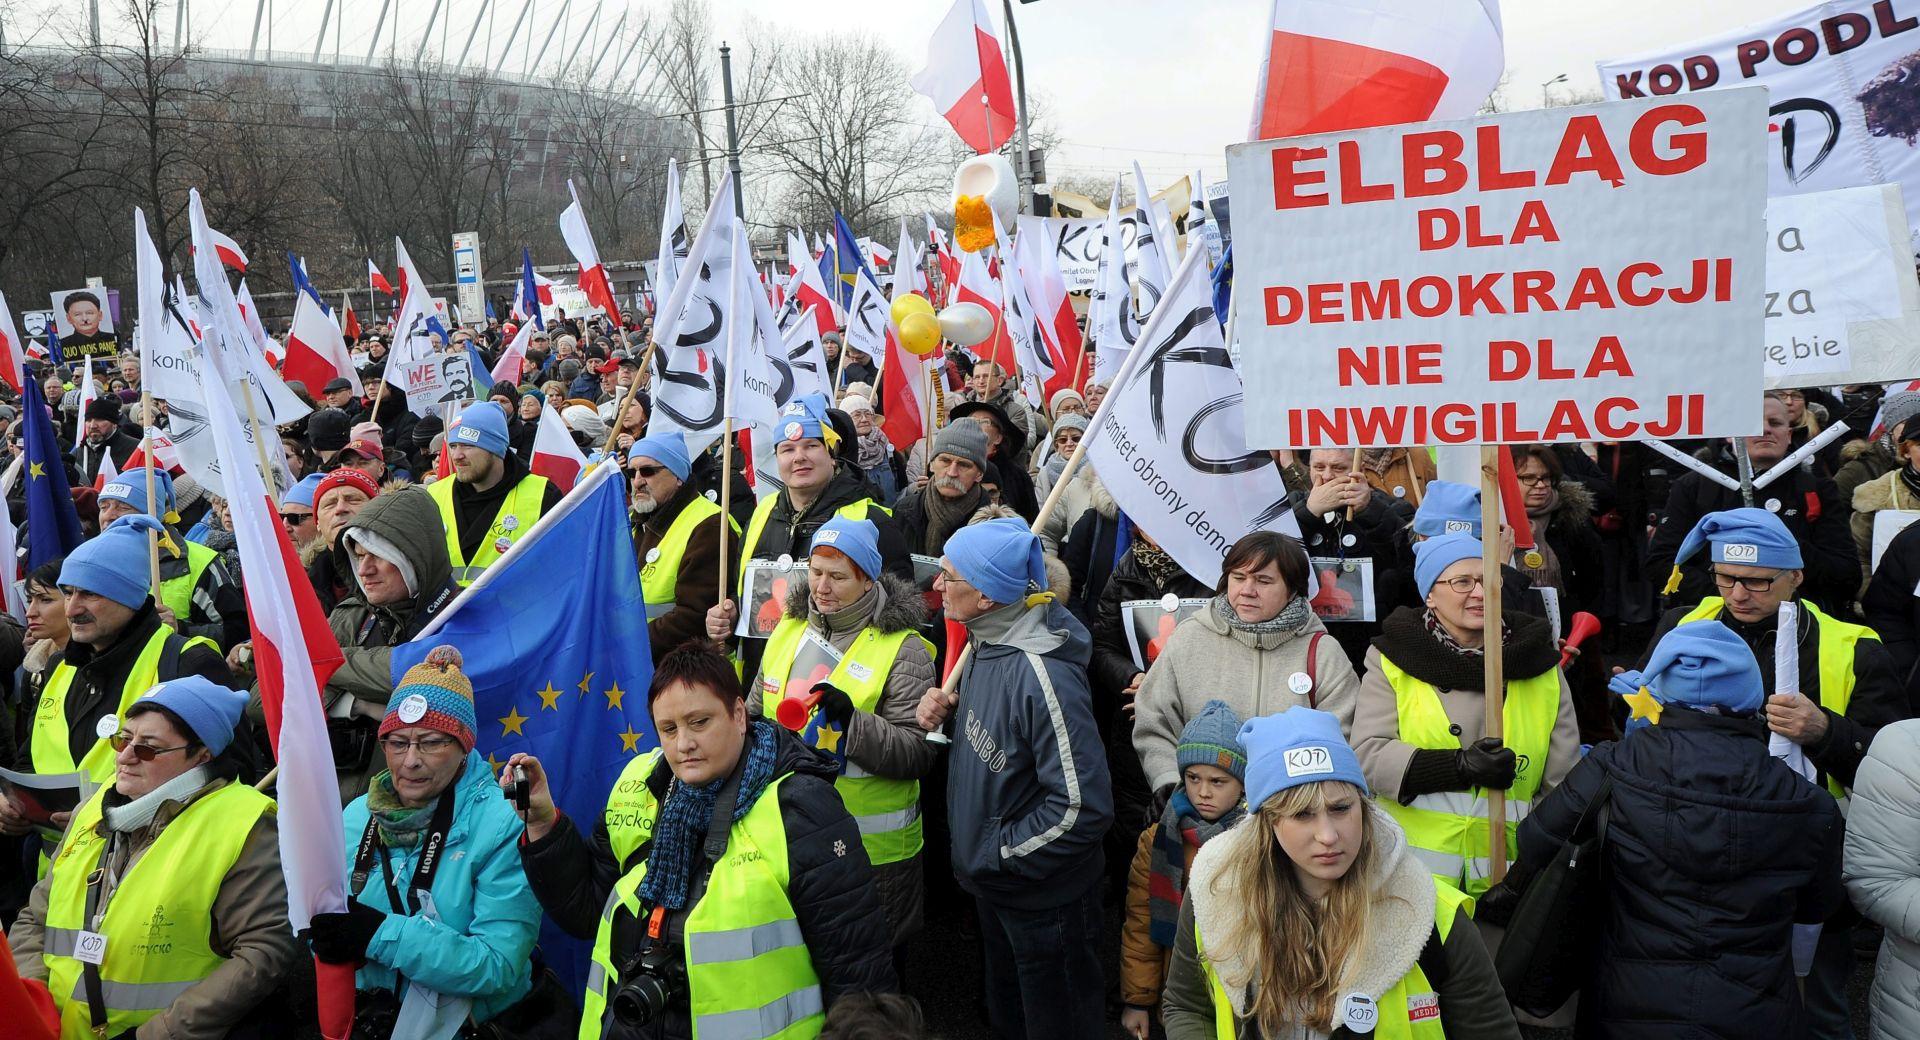 PROSVJED U POLJSKOJ: Tisuće Poljaka na ulicama Varšave za obranu demokracije